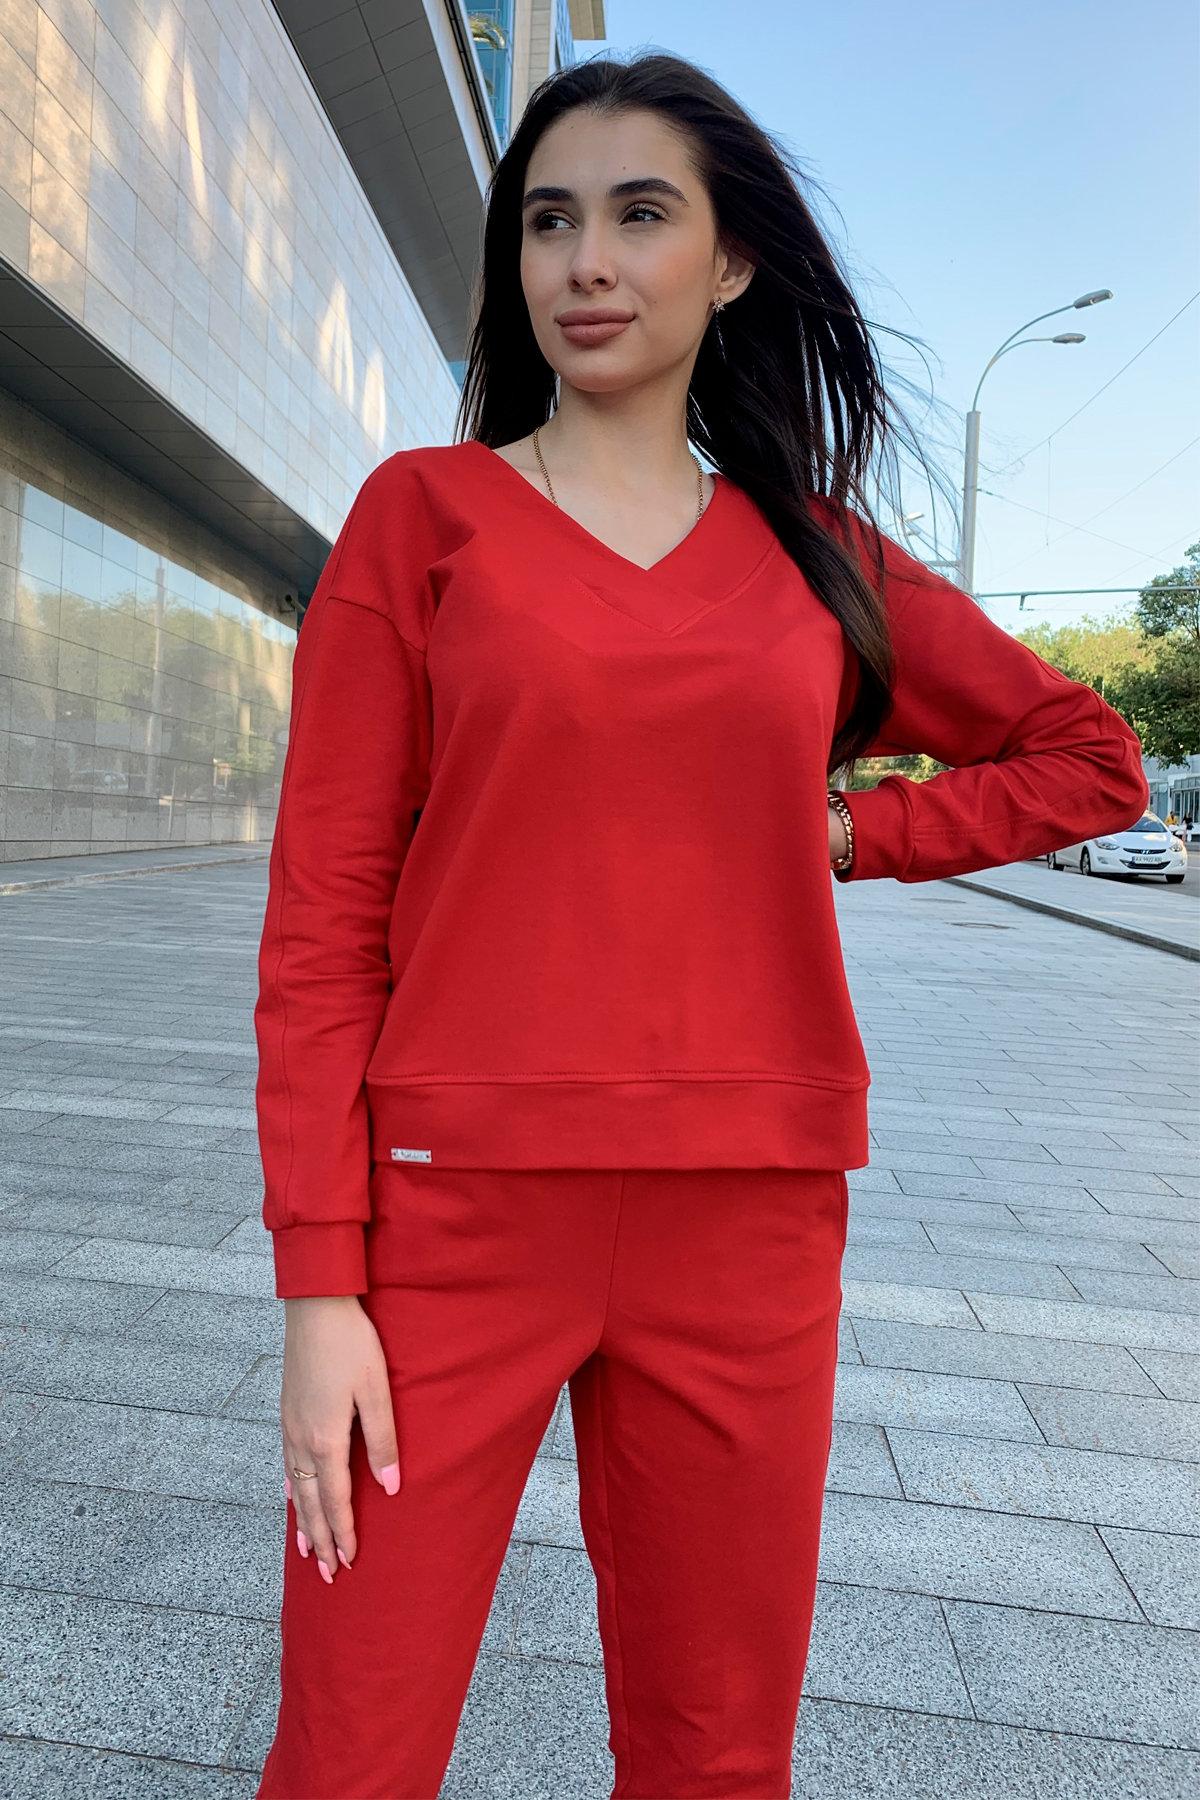 Костюм Стай 9342 АРТ. 45693 Цвет: Красный - фото 1, интернет магазин tm-modus.ru